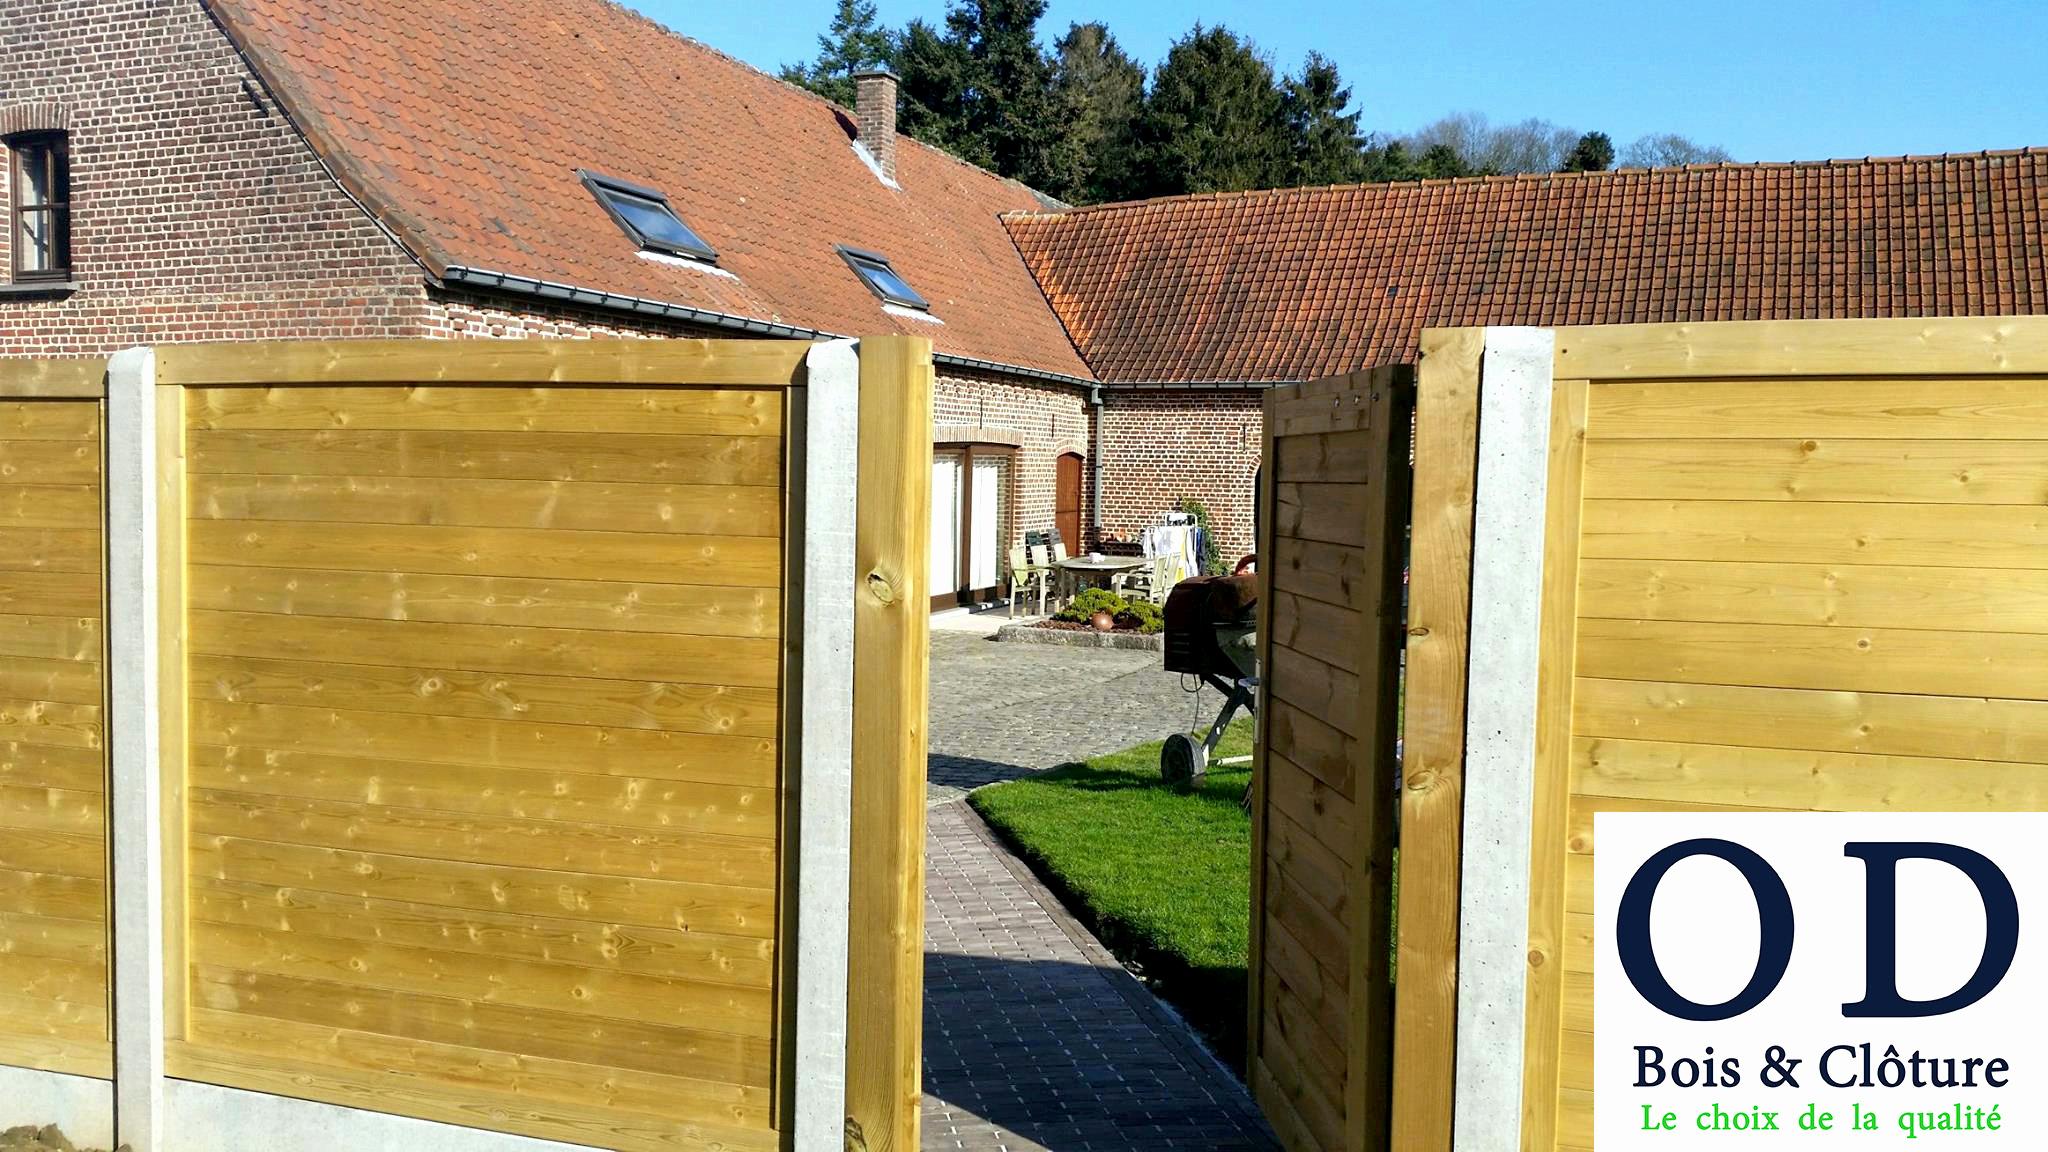 rideaux pour veranda leroy merlin unique logiciel conception veranda leroy merlin beau rideaux pour veranda of rideaux pour veranda leroy merlin